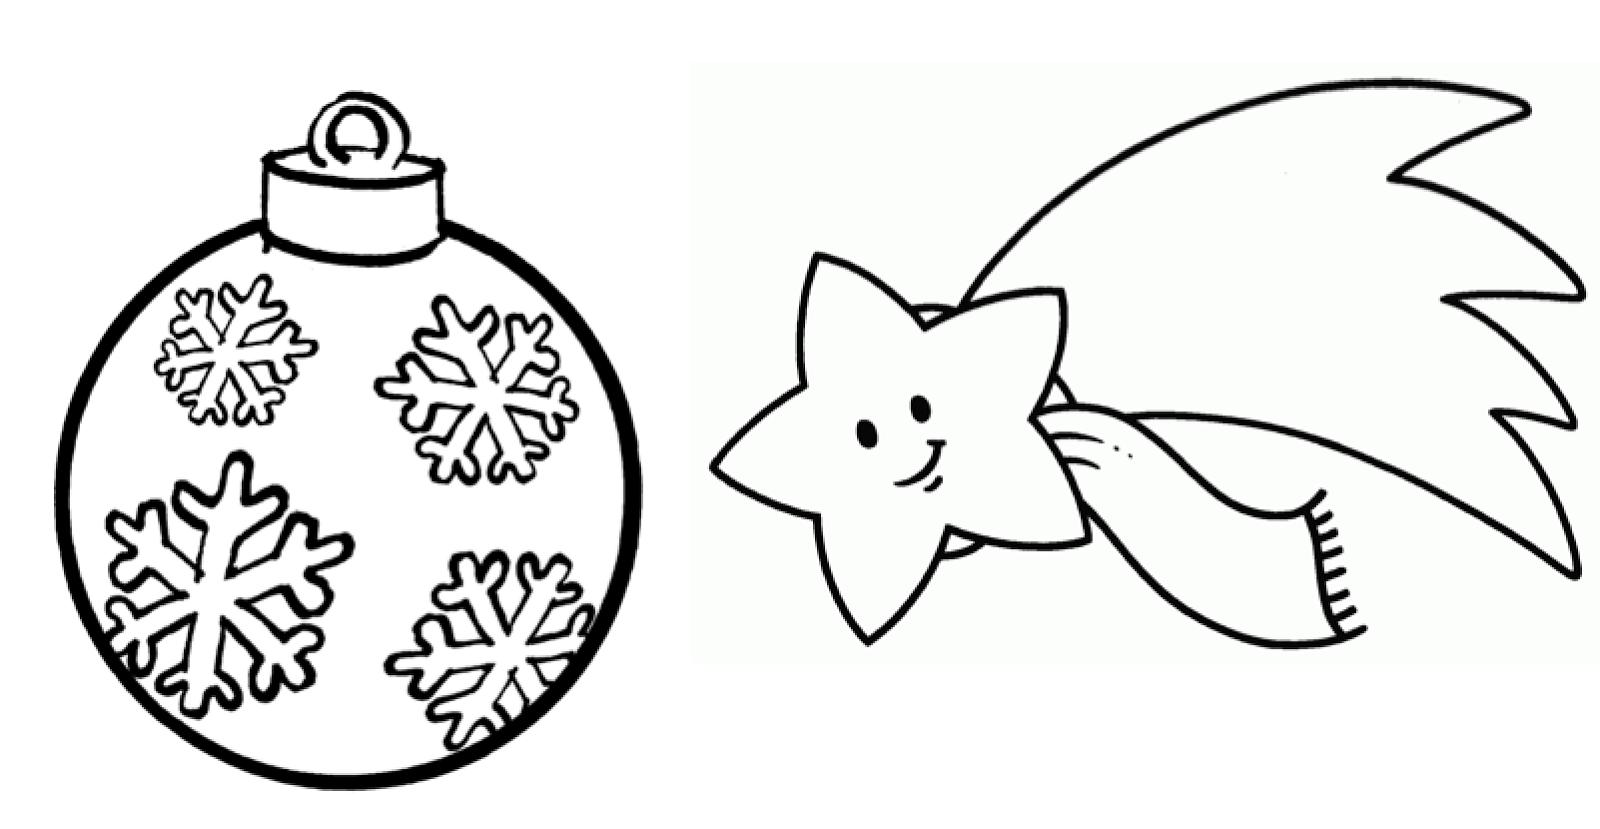 Dibujos De Navidad Para Decorar La Clase.Dibujos De Navidad Para Decorar La Clase Niza Regalos De